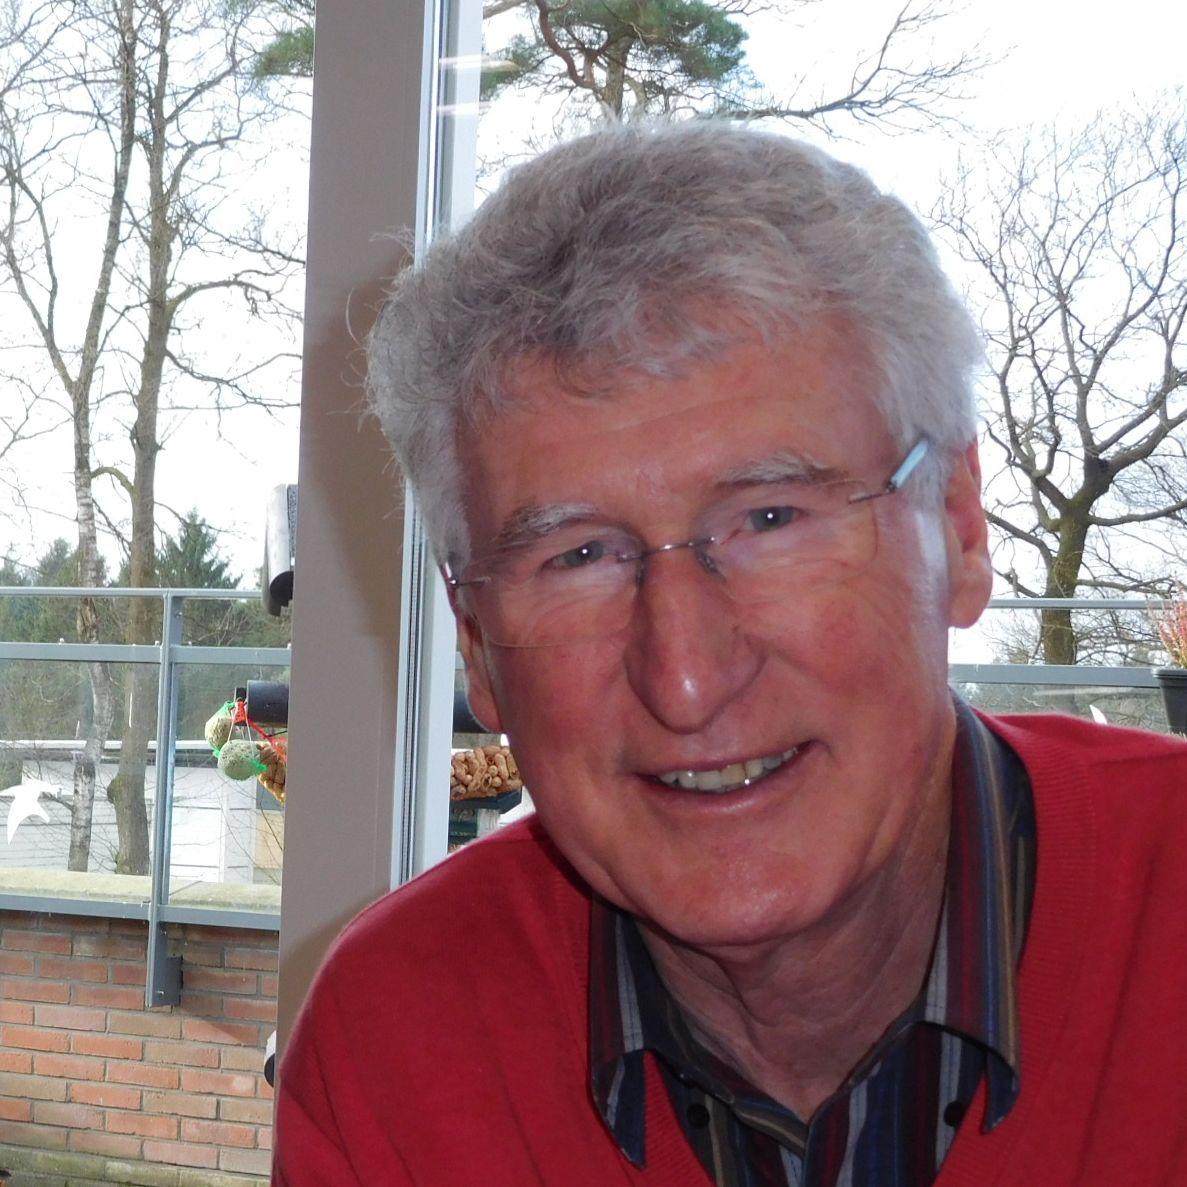 Webinar presentator Wim van der Meer